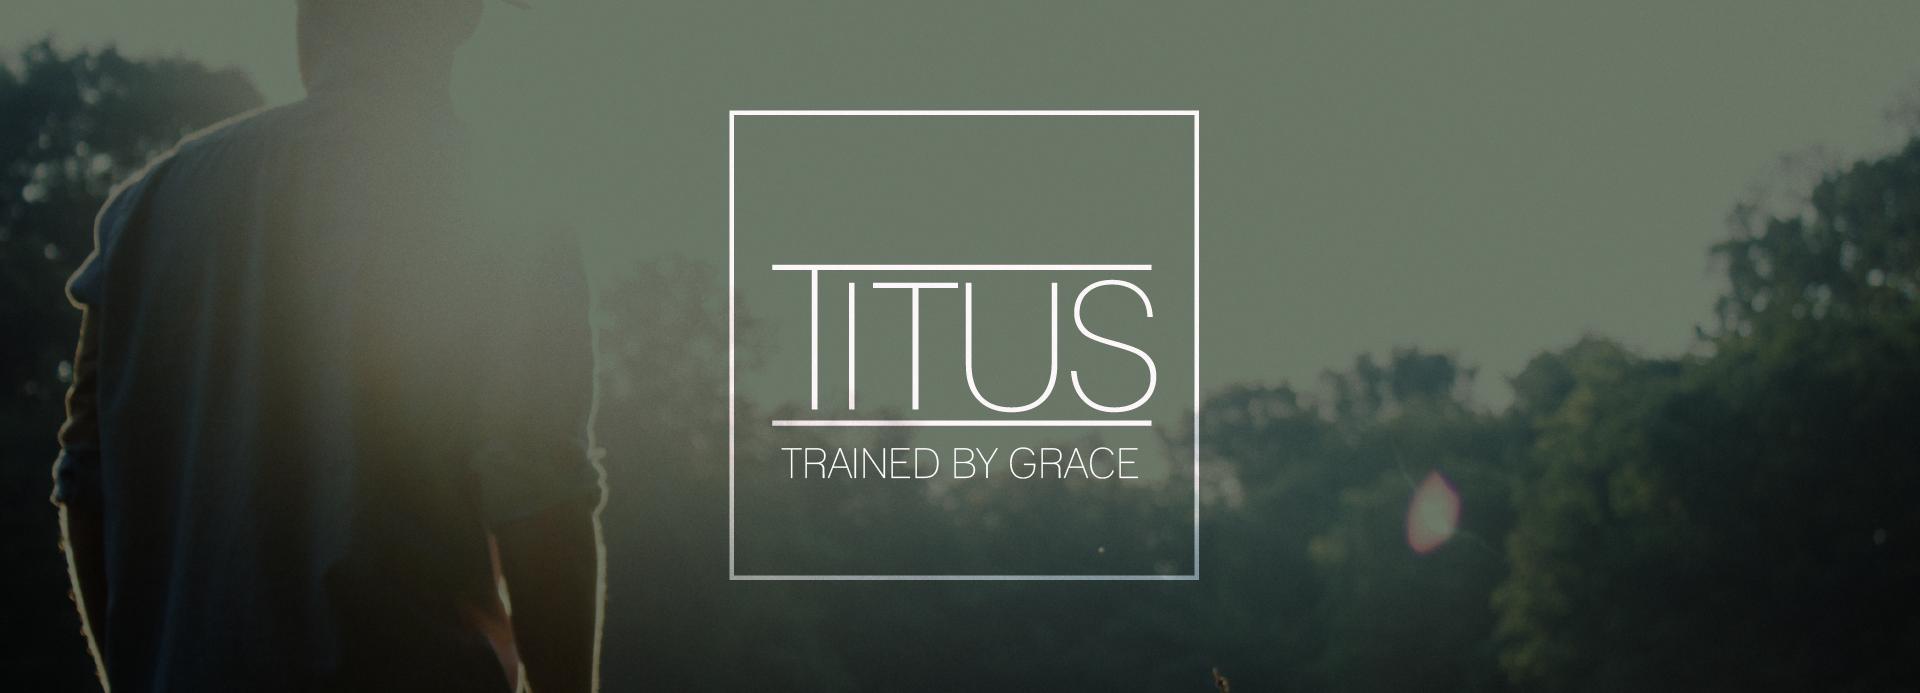 Titus(mini-series)_ChurchApp_Banner.png